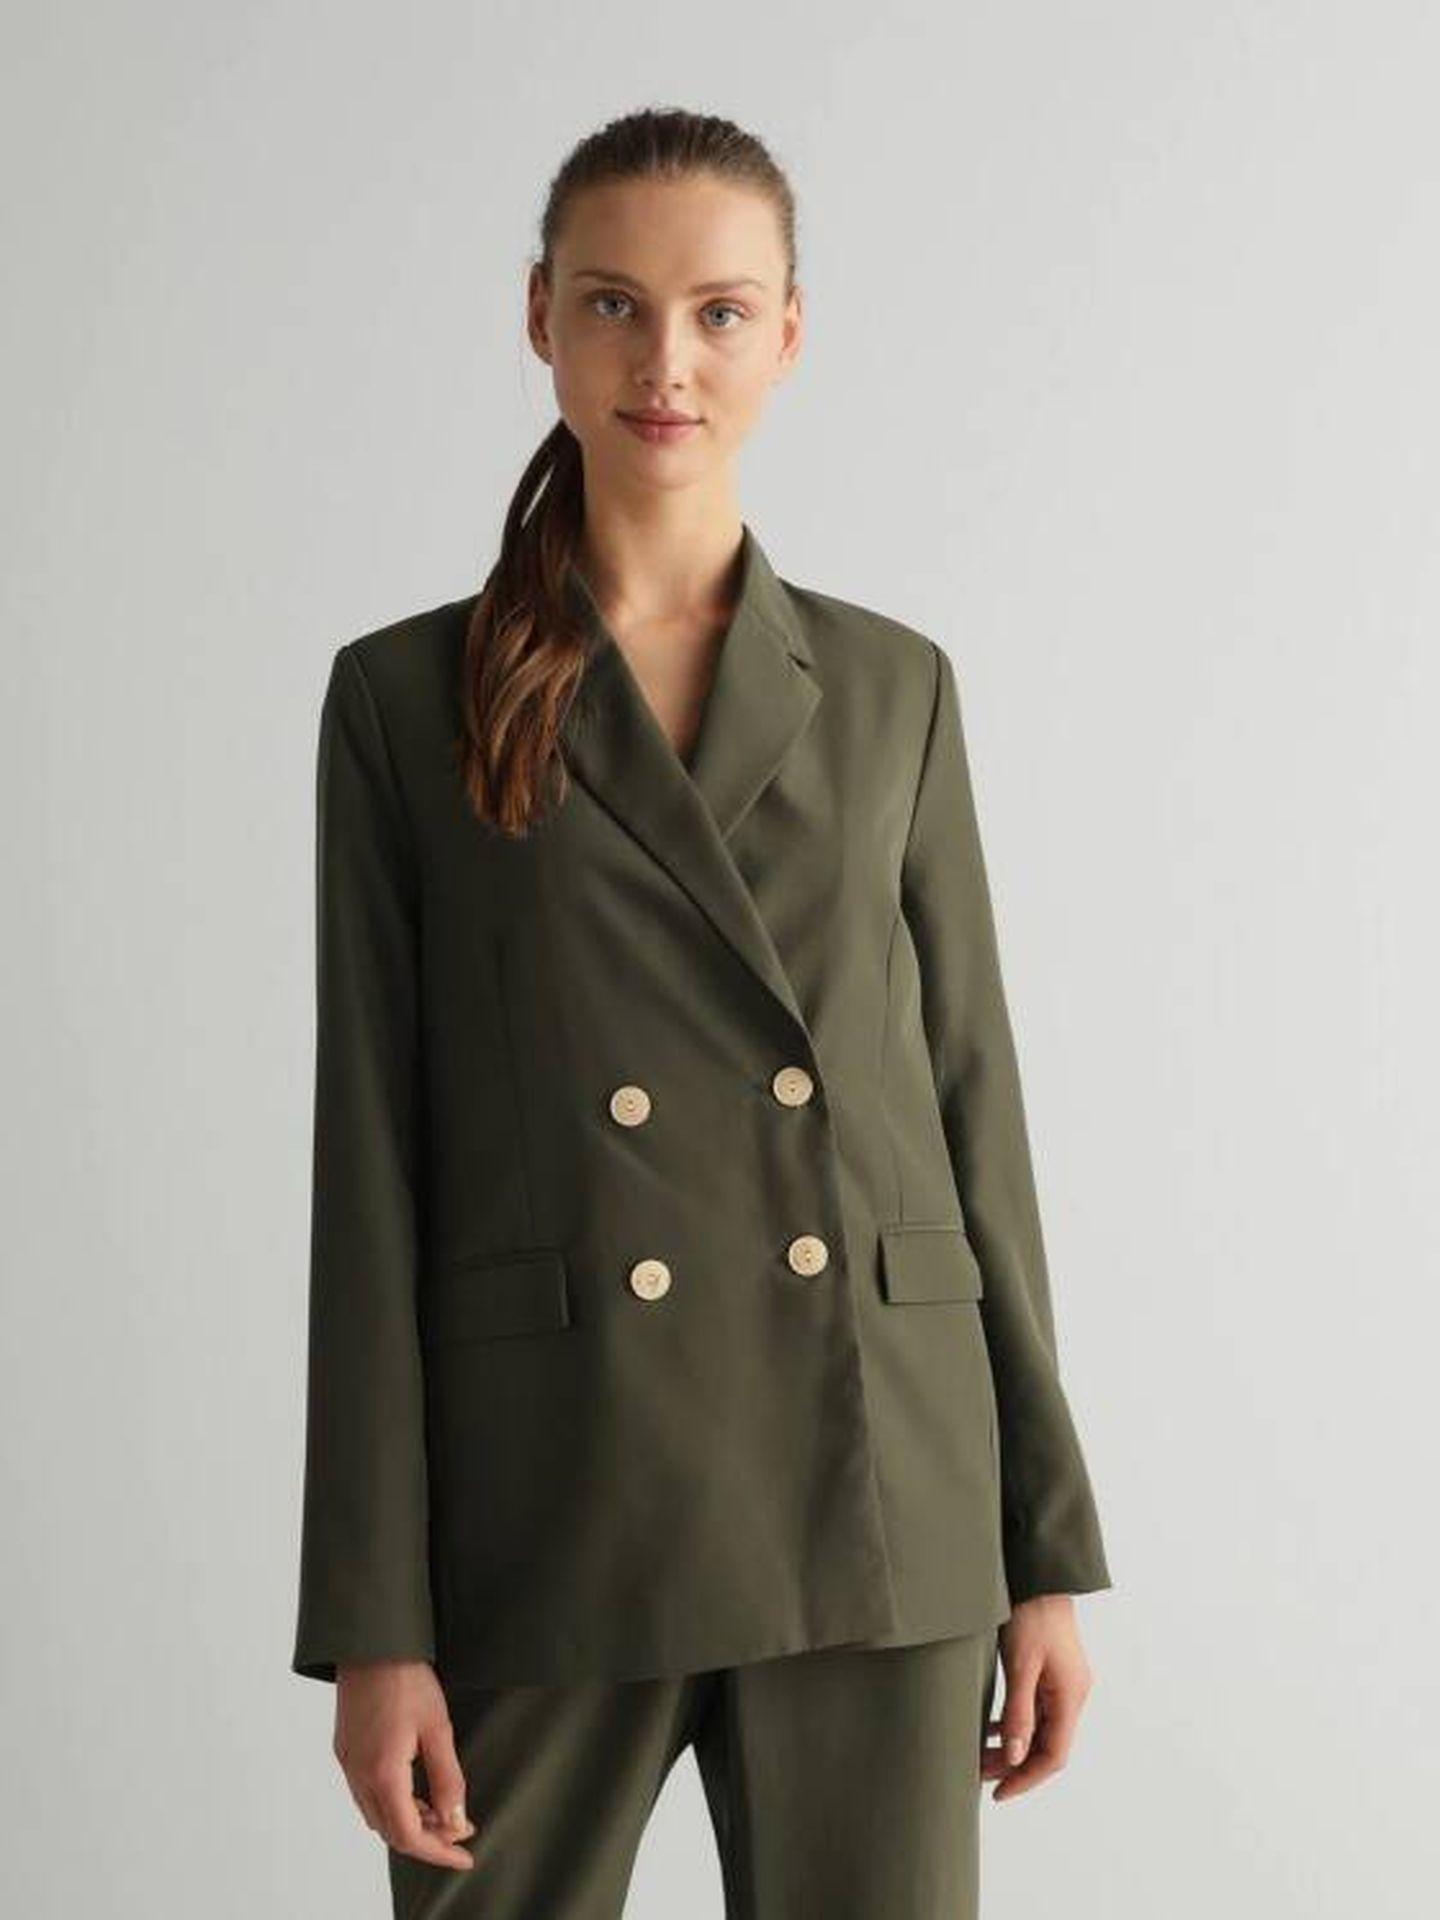 Una chaqueta de El Corte Inglés. (Cortesía)